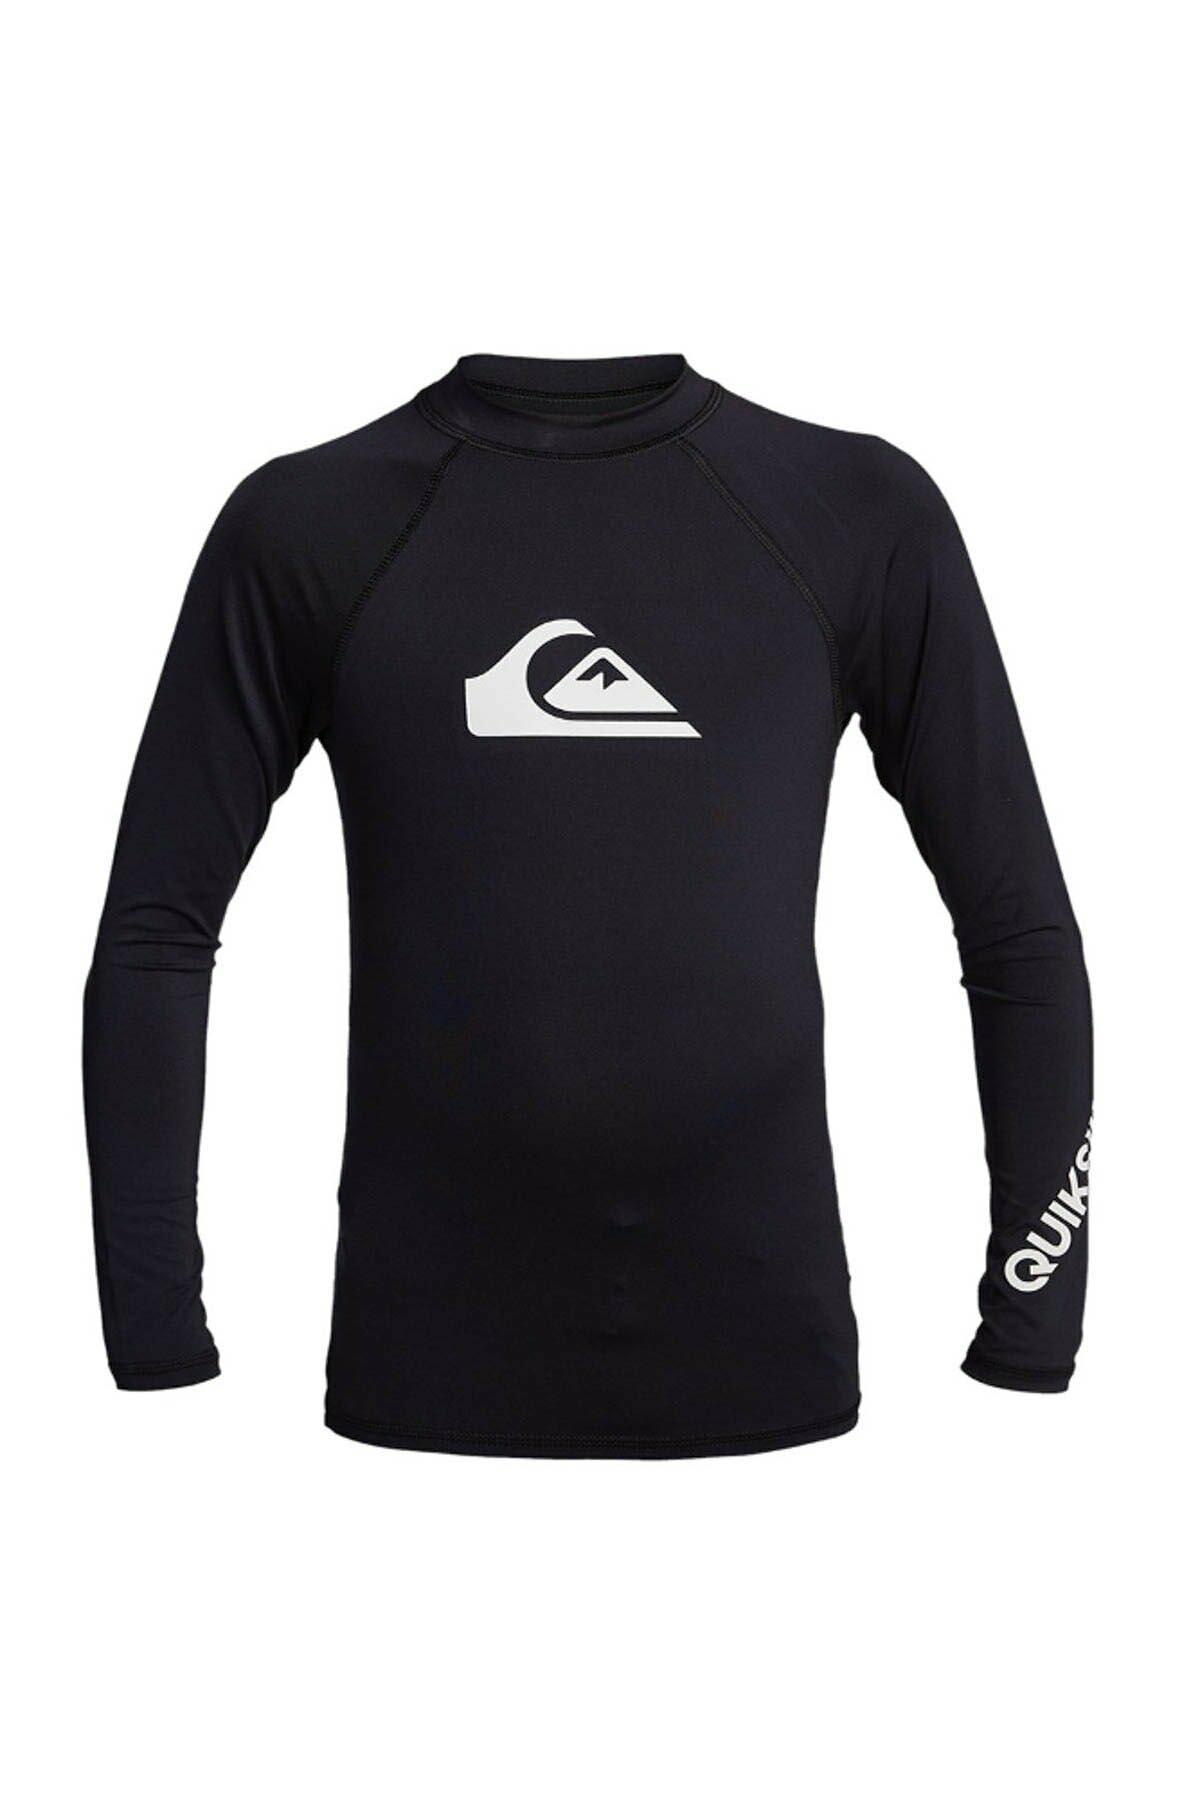 Quiksilver ALLTIMLSYTH B SFSH Lycra T-Shirt EQBWR03128-KVJ0